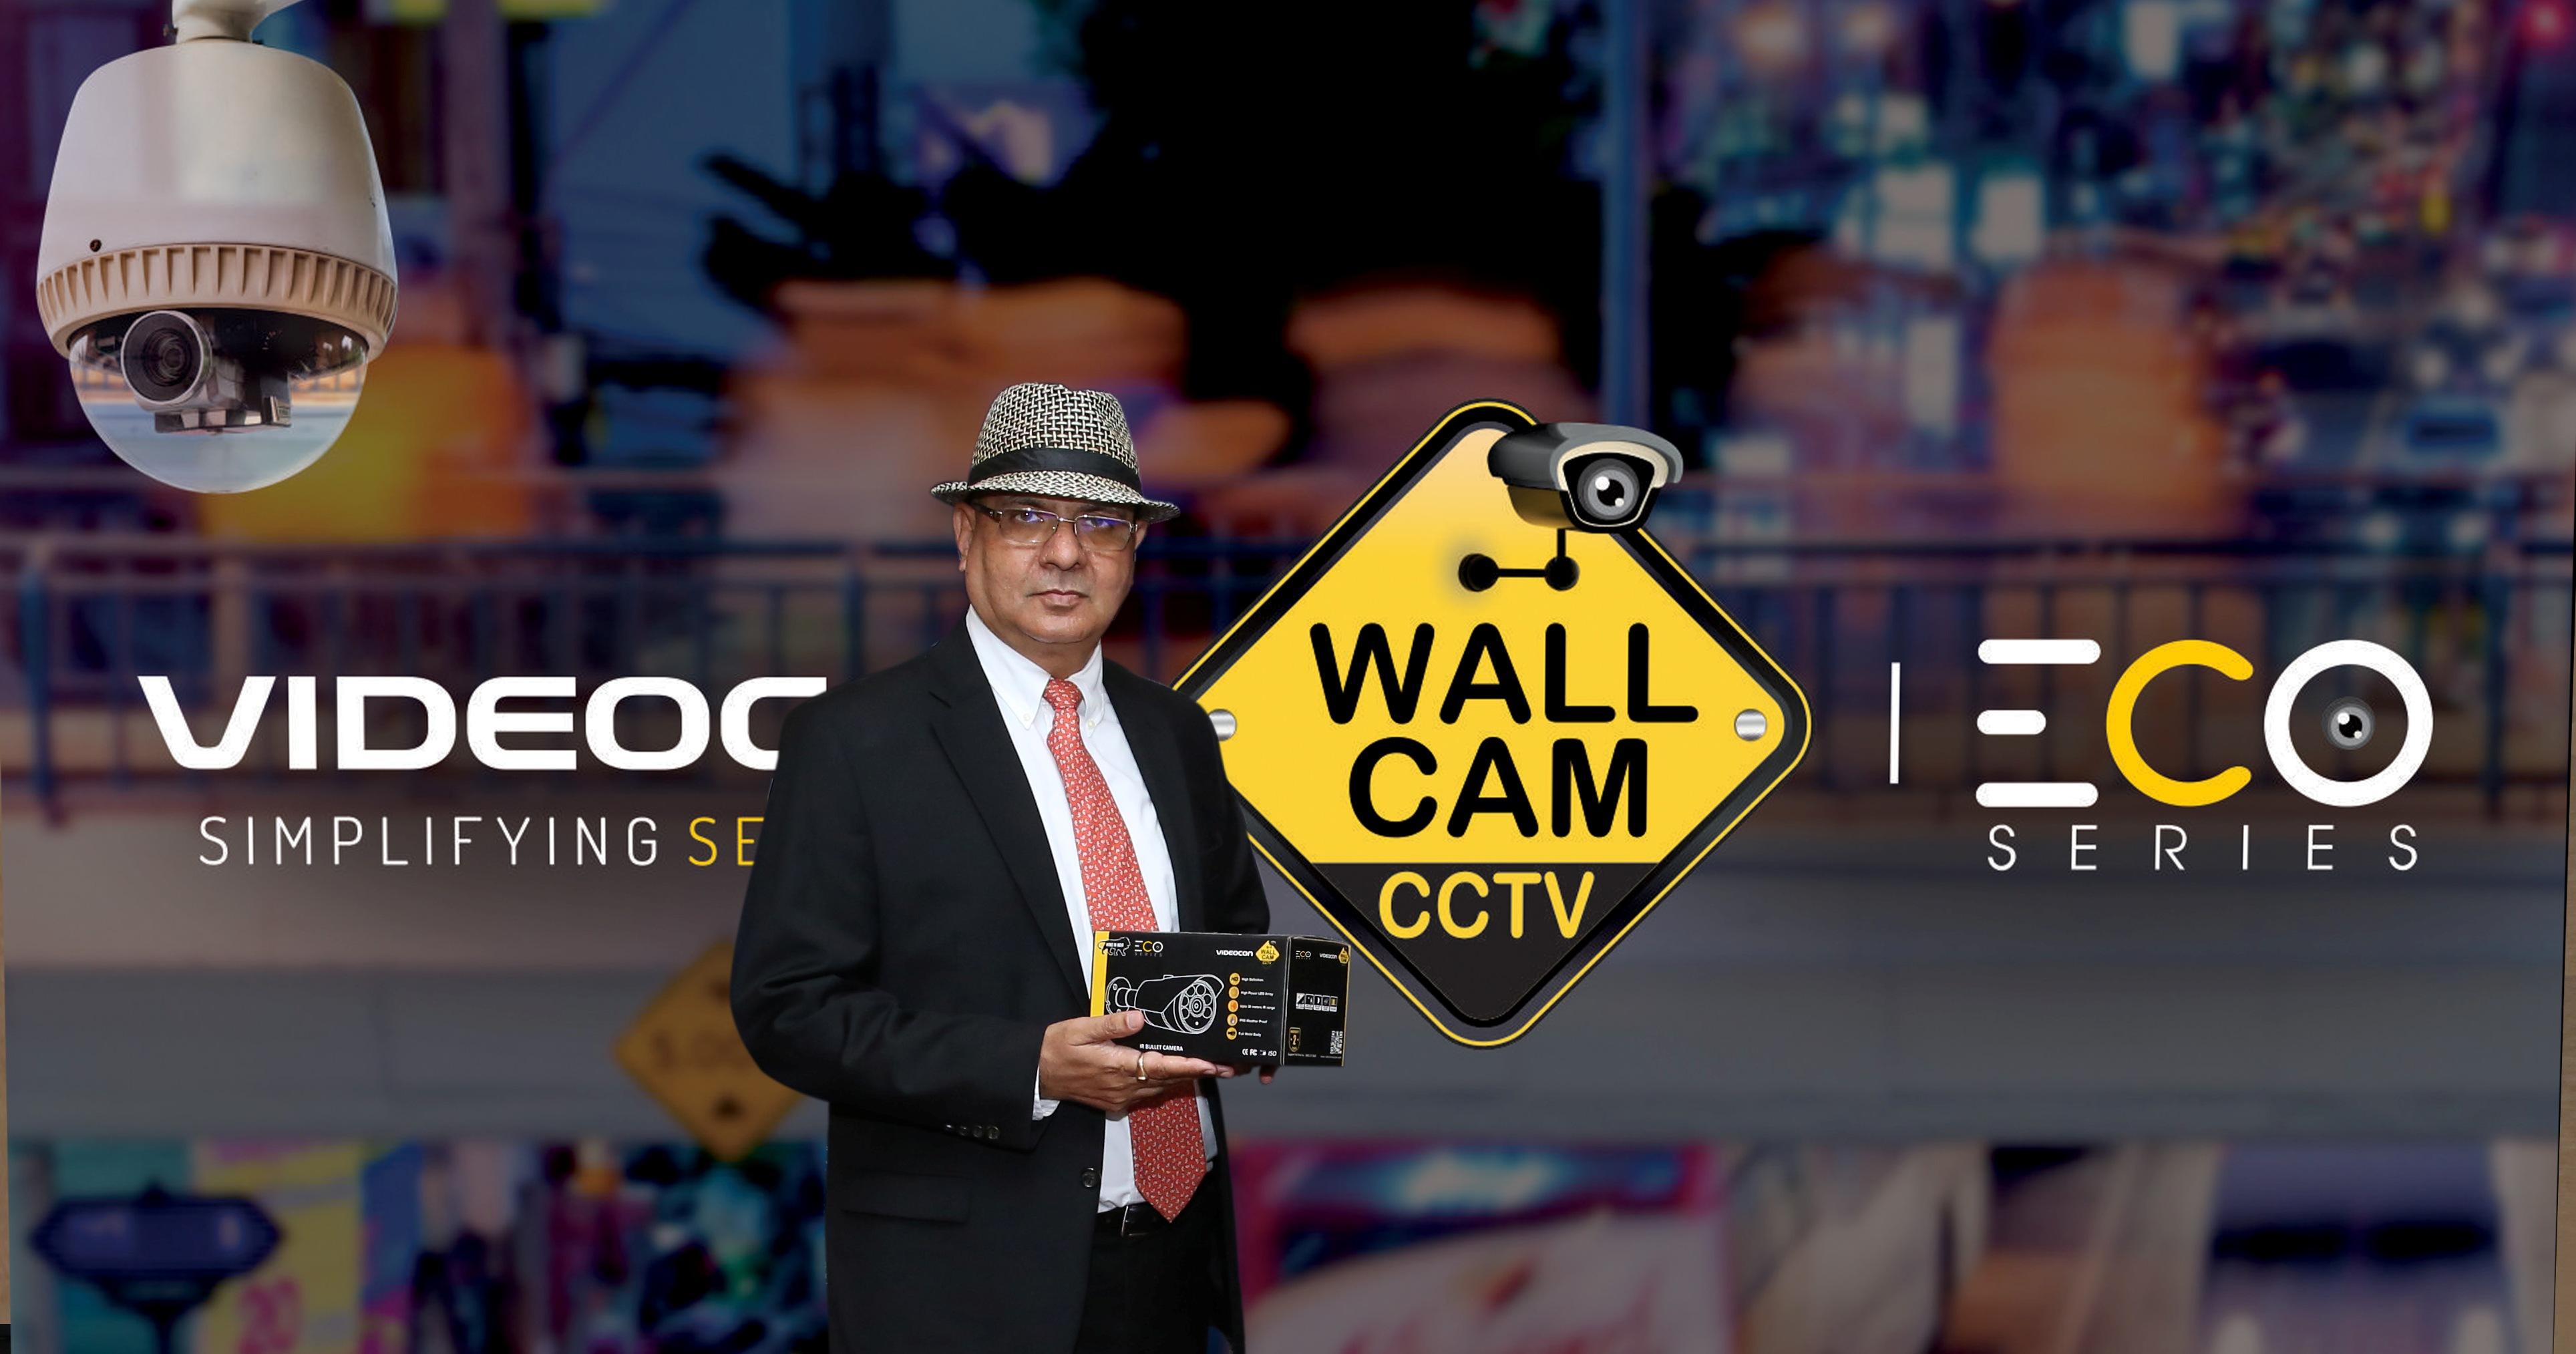 videocon wallcam cctv